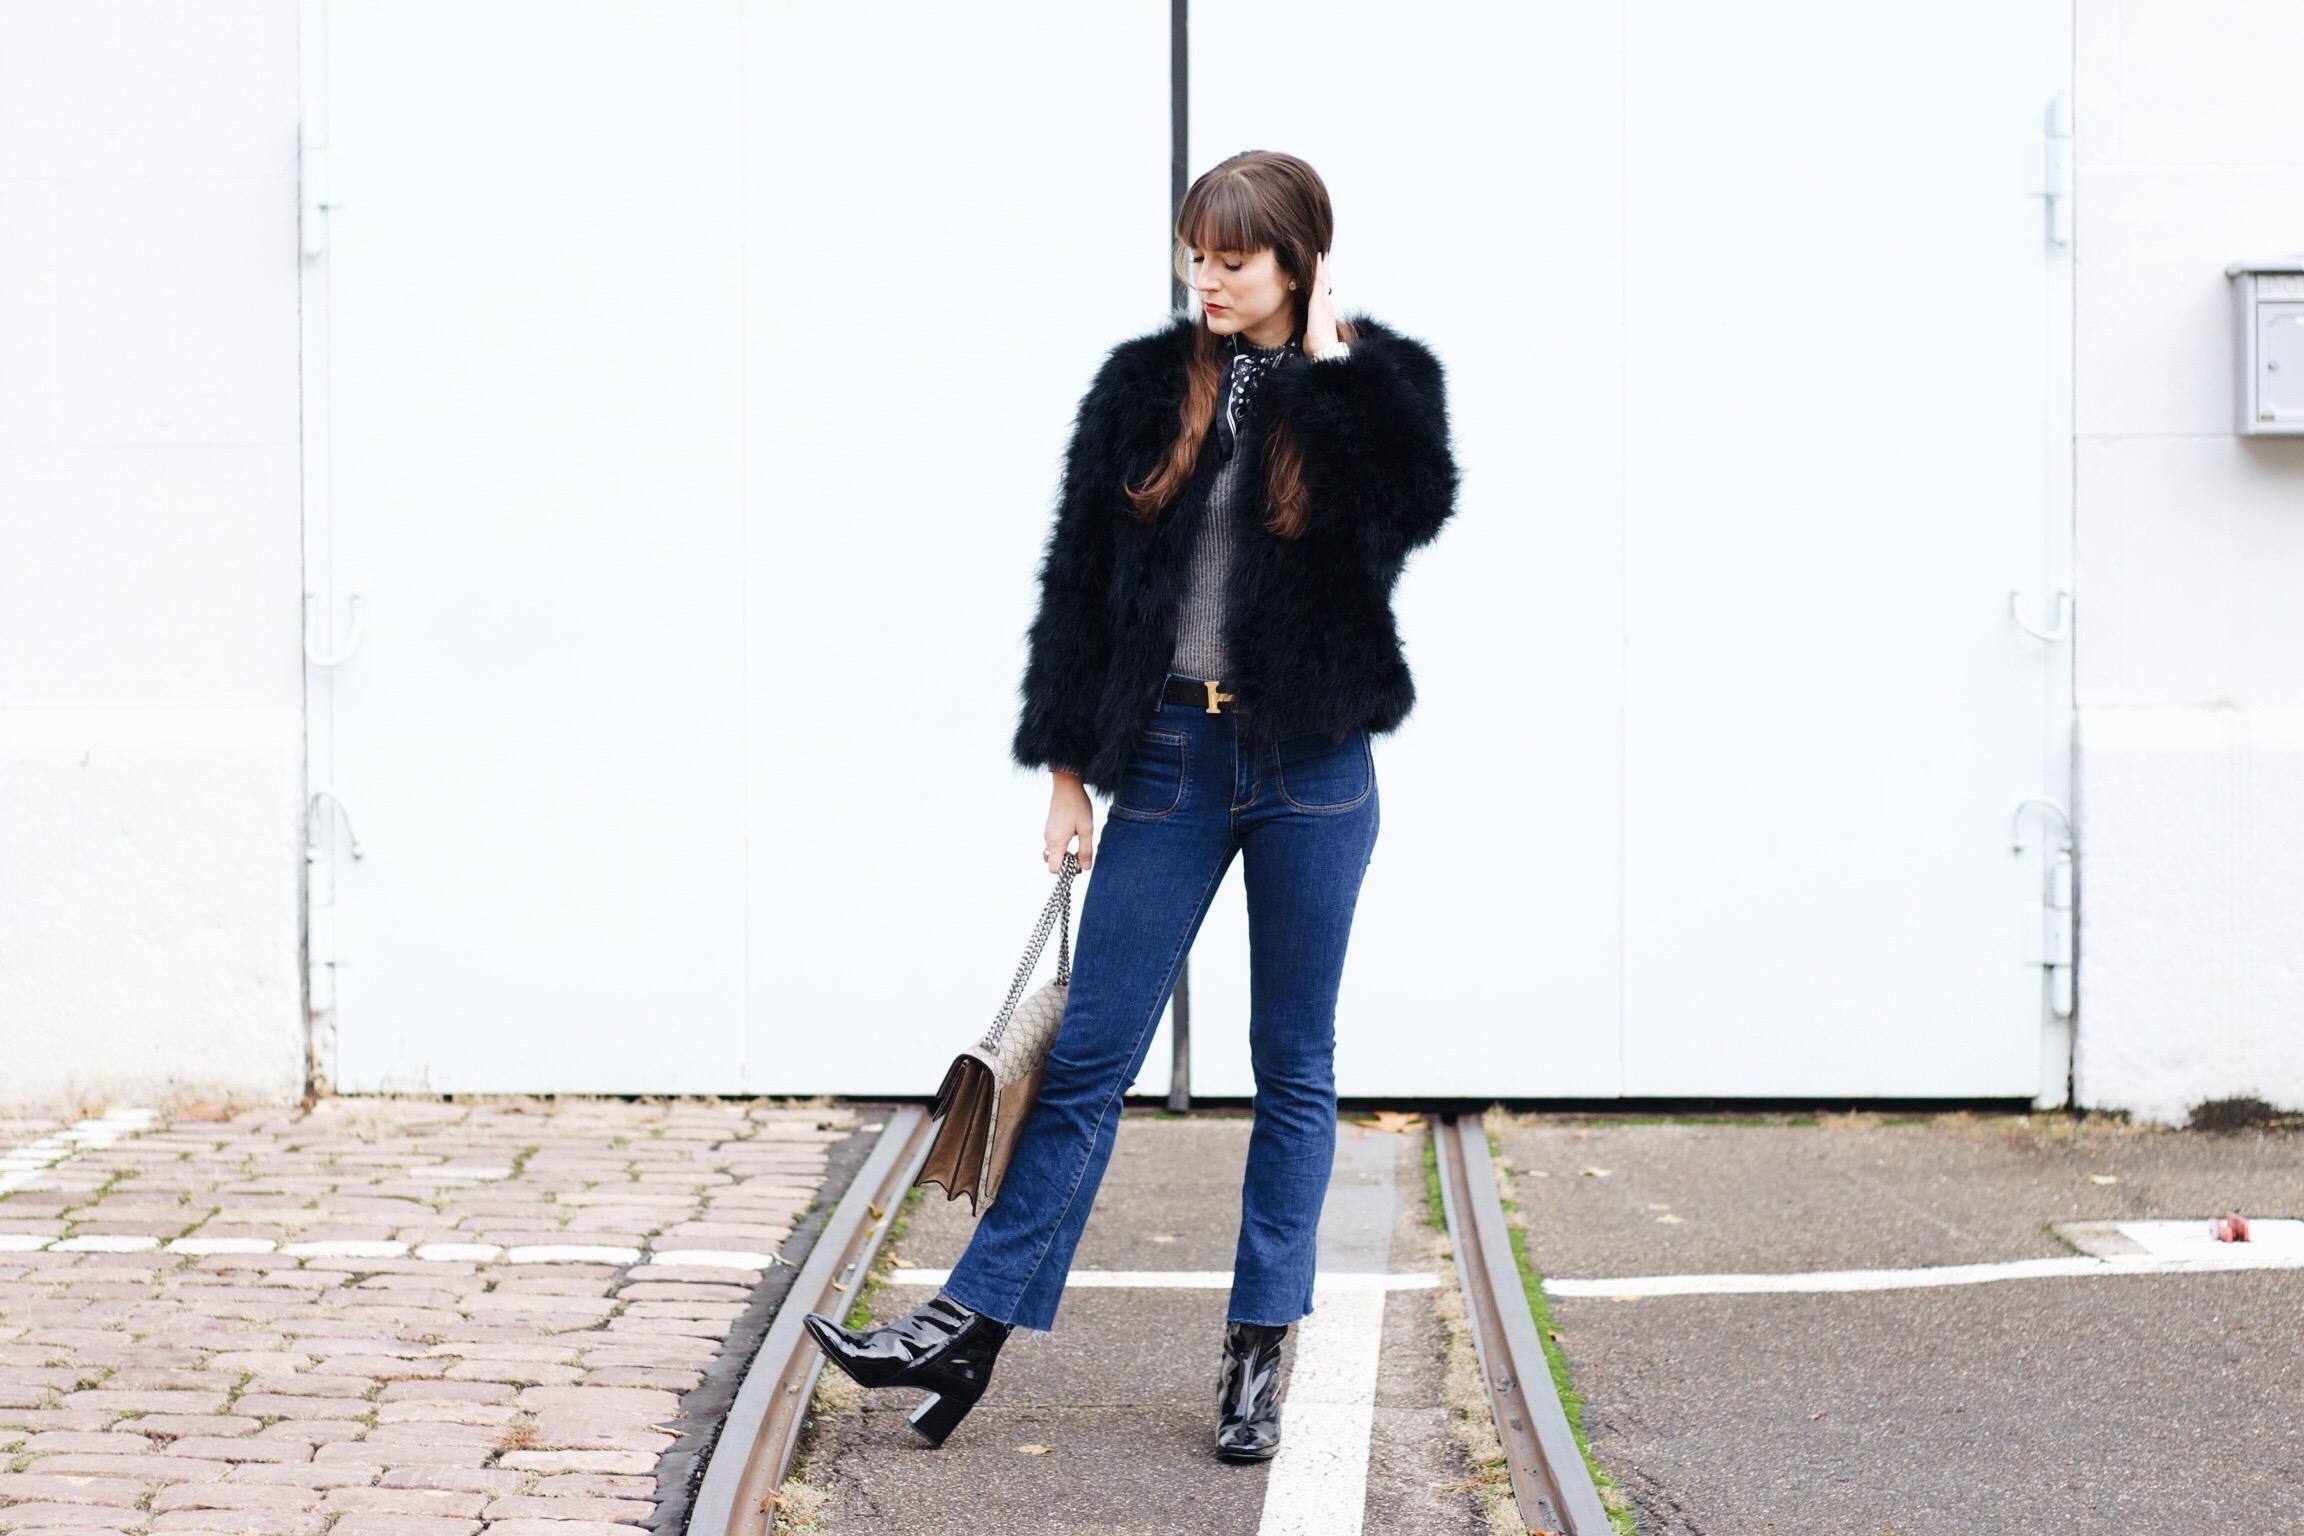 Federjacke von Pello Bello kombiniert mit Kick Flare Jeans und Gucci Dionysus Bag für meinen Modeblog